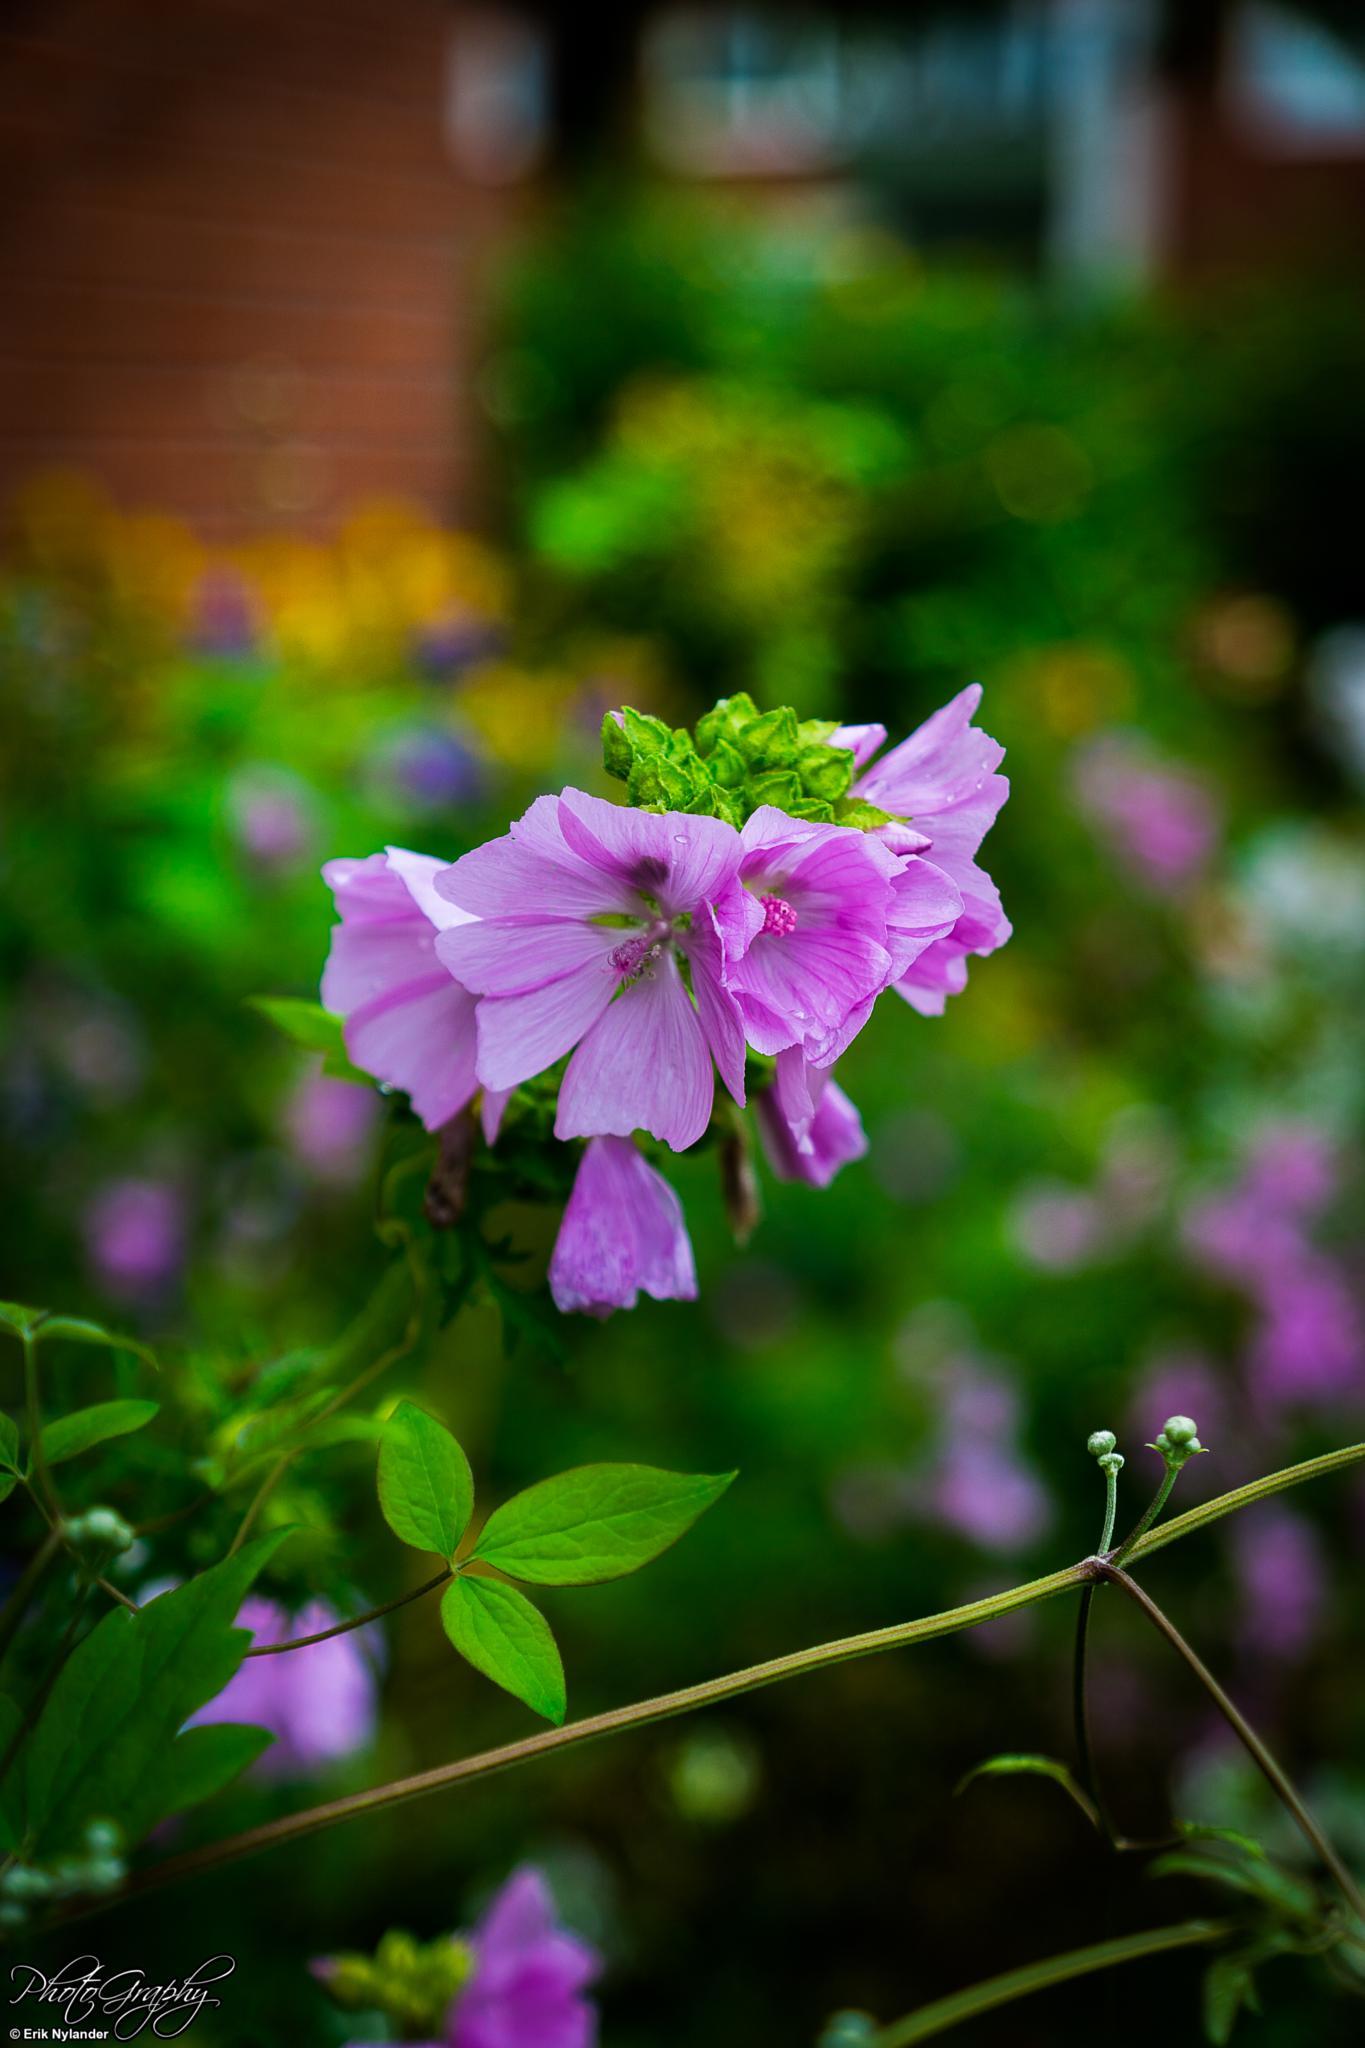 Purple flower by Erik Nylander